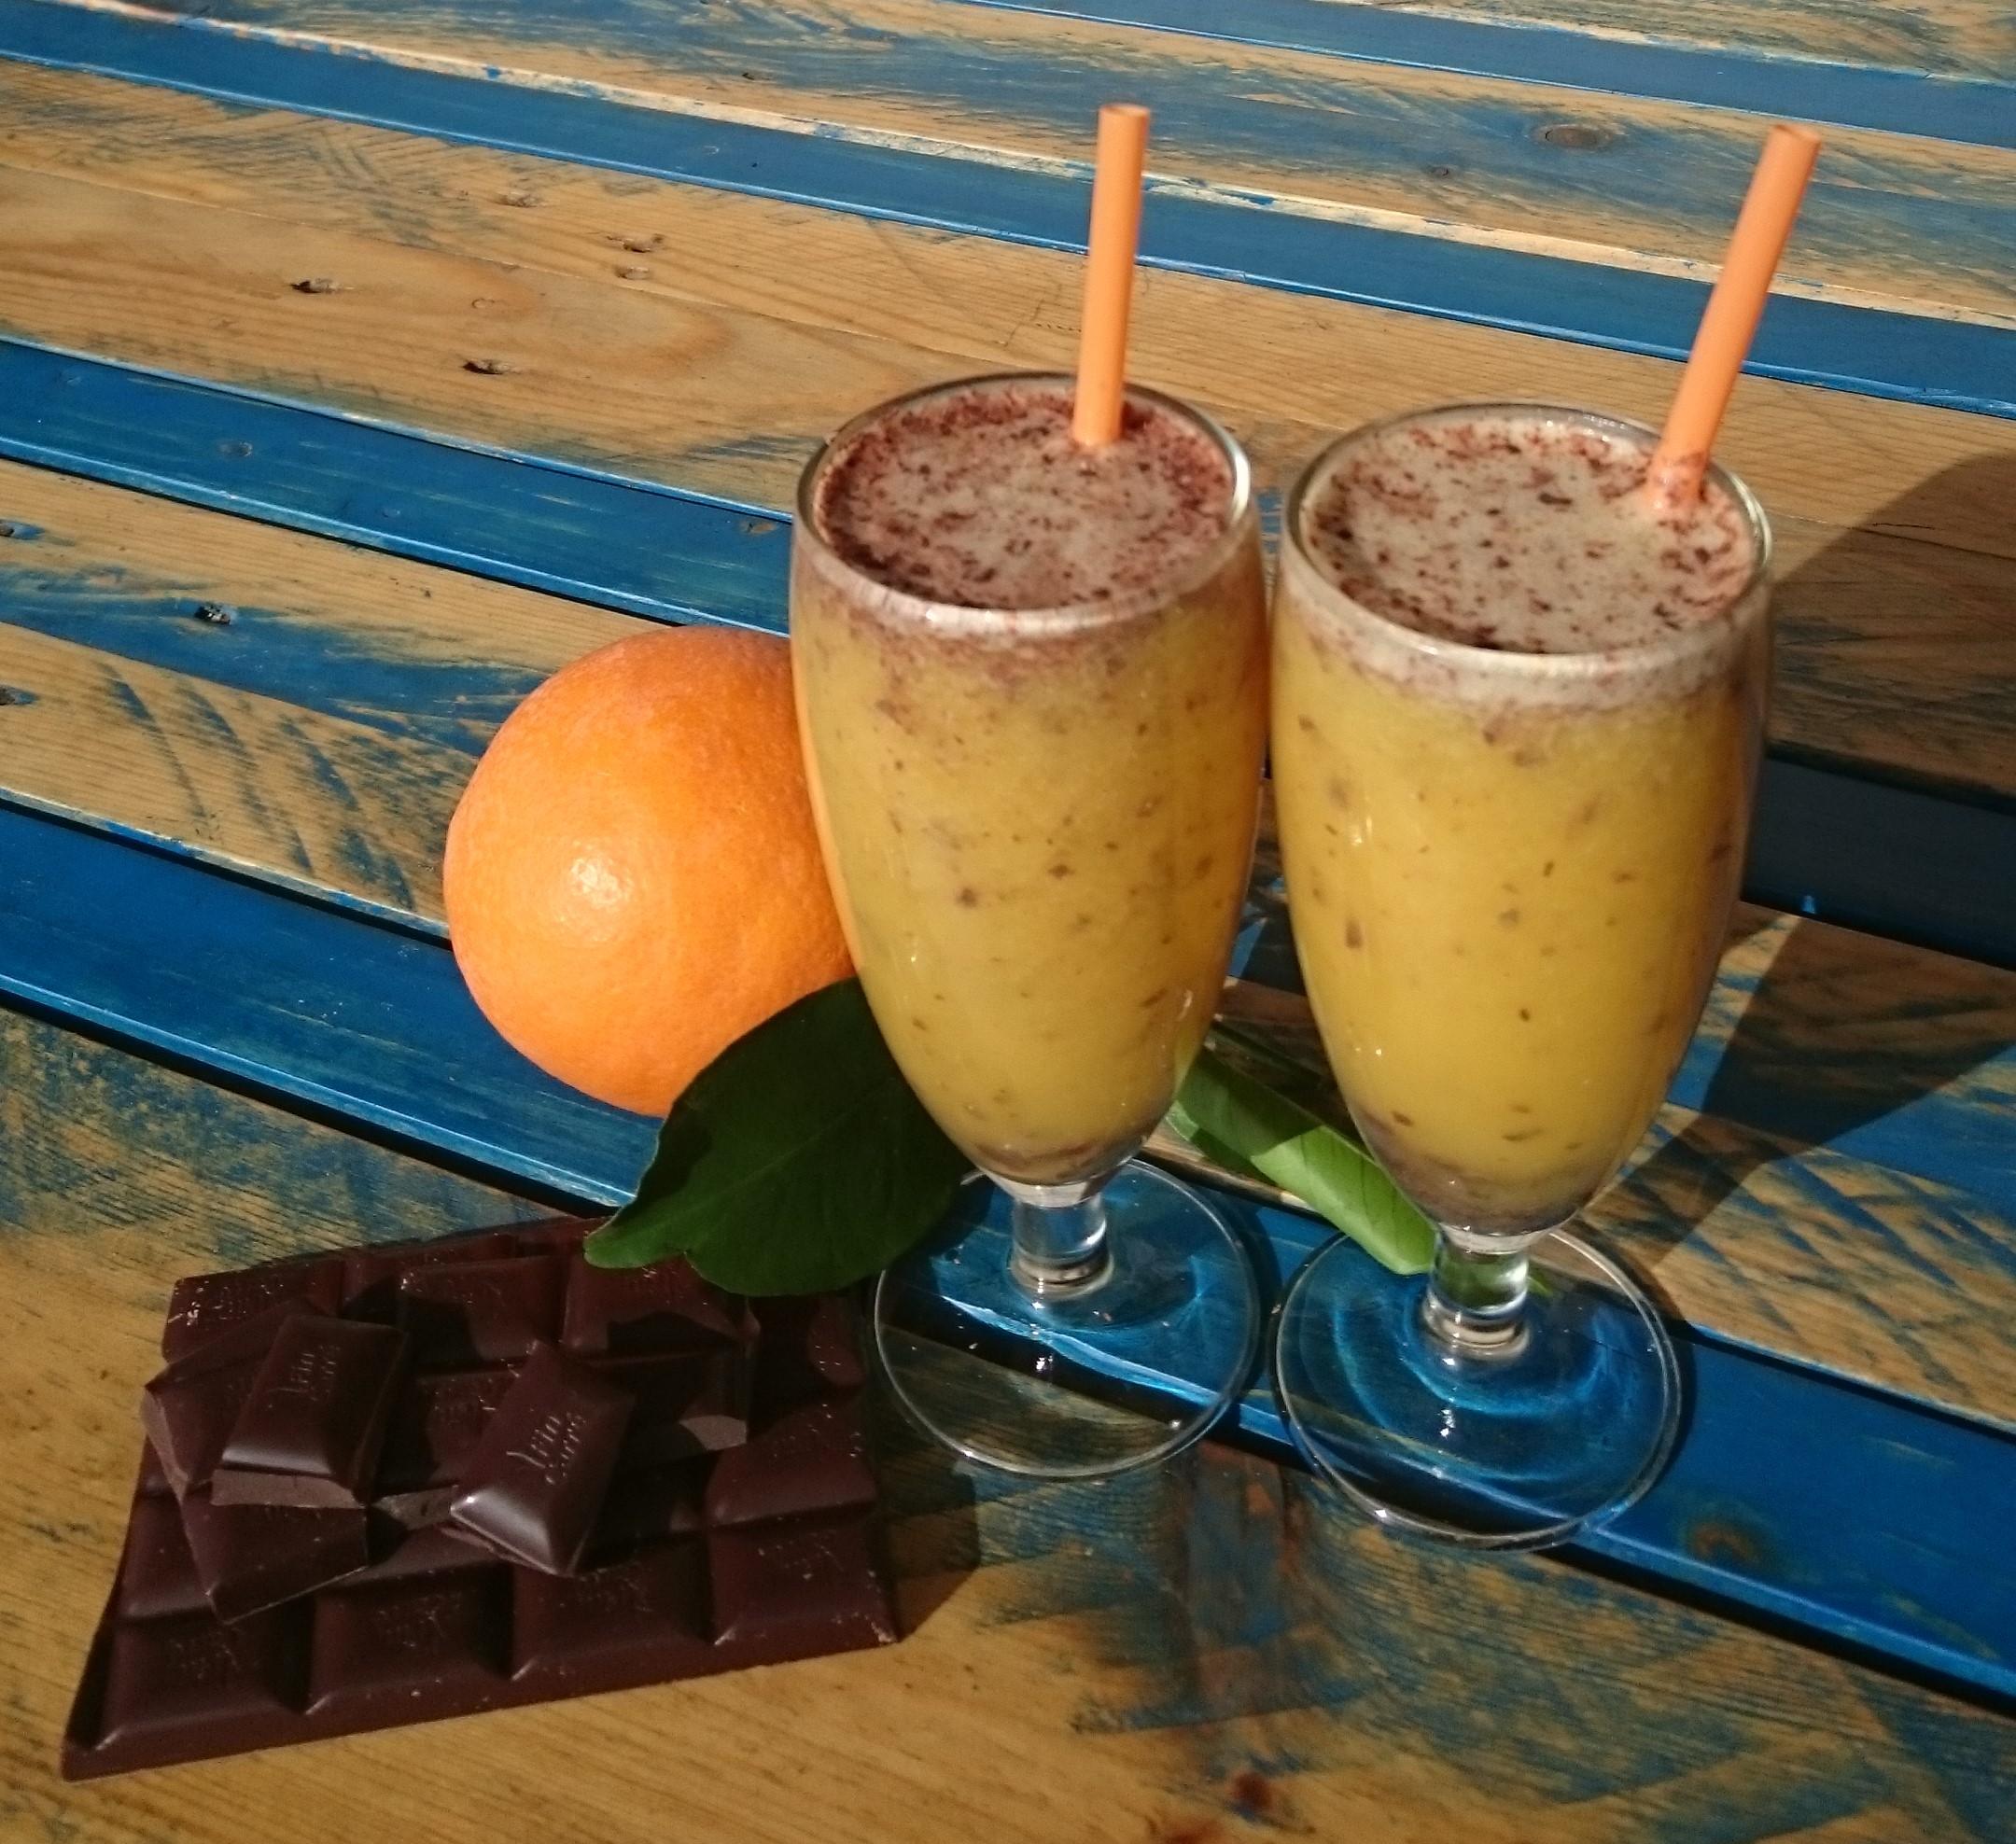 Batido de naranja, plátano y chocolate.